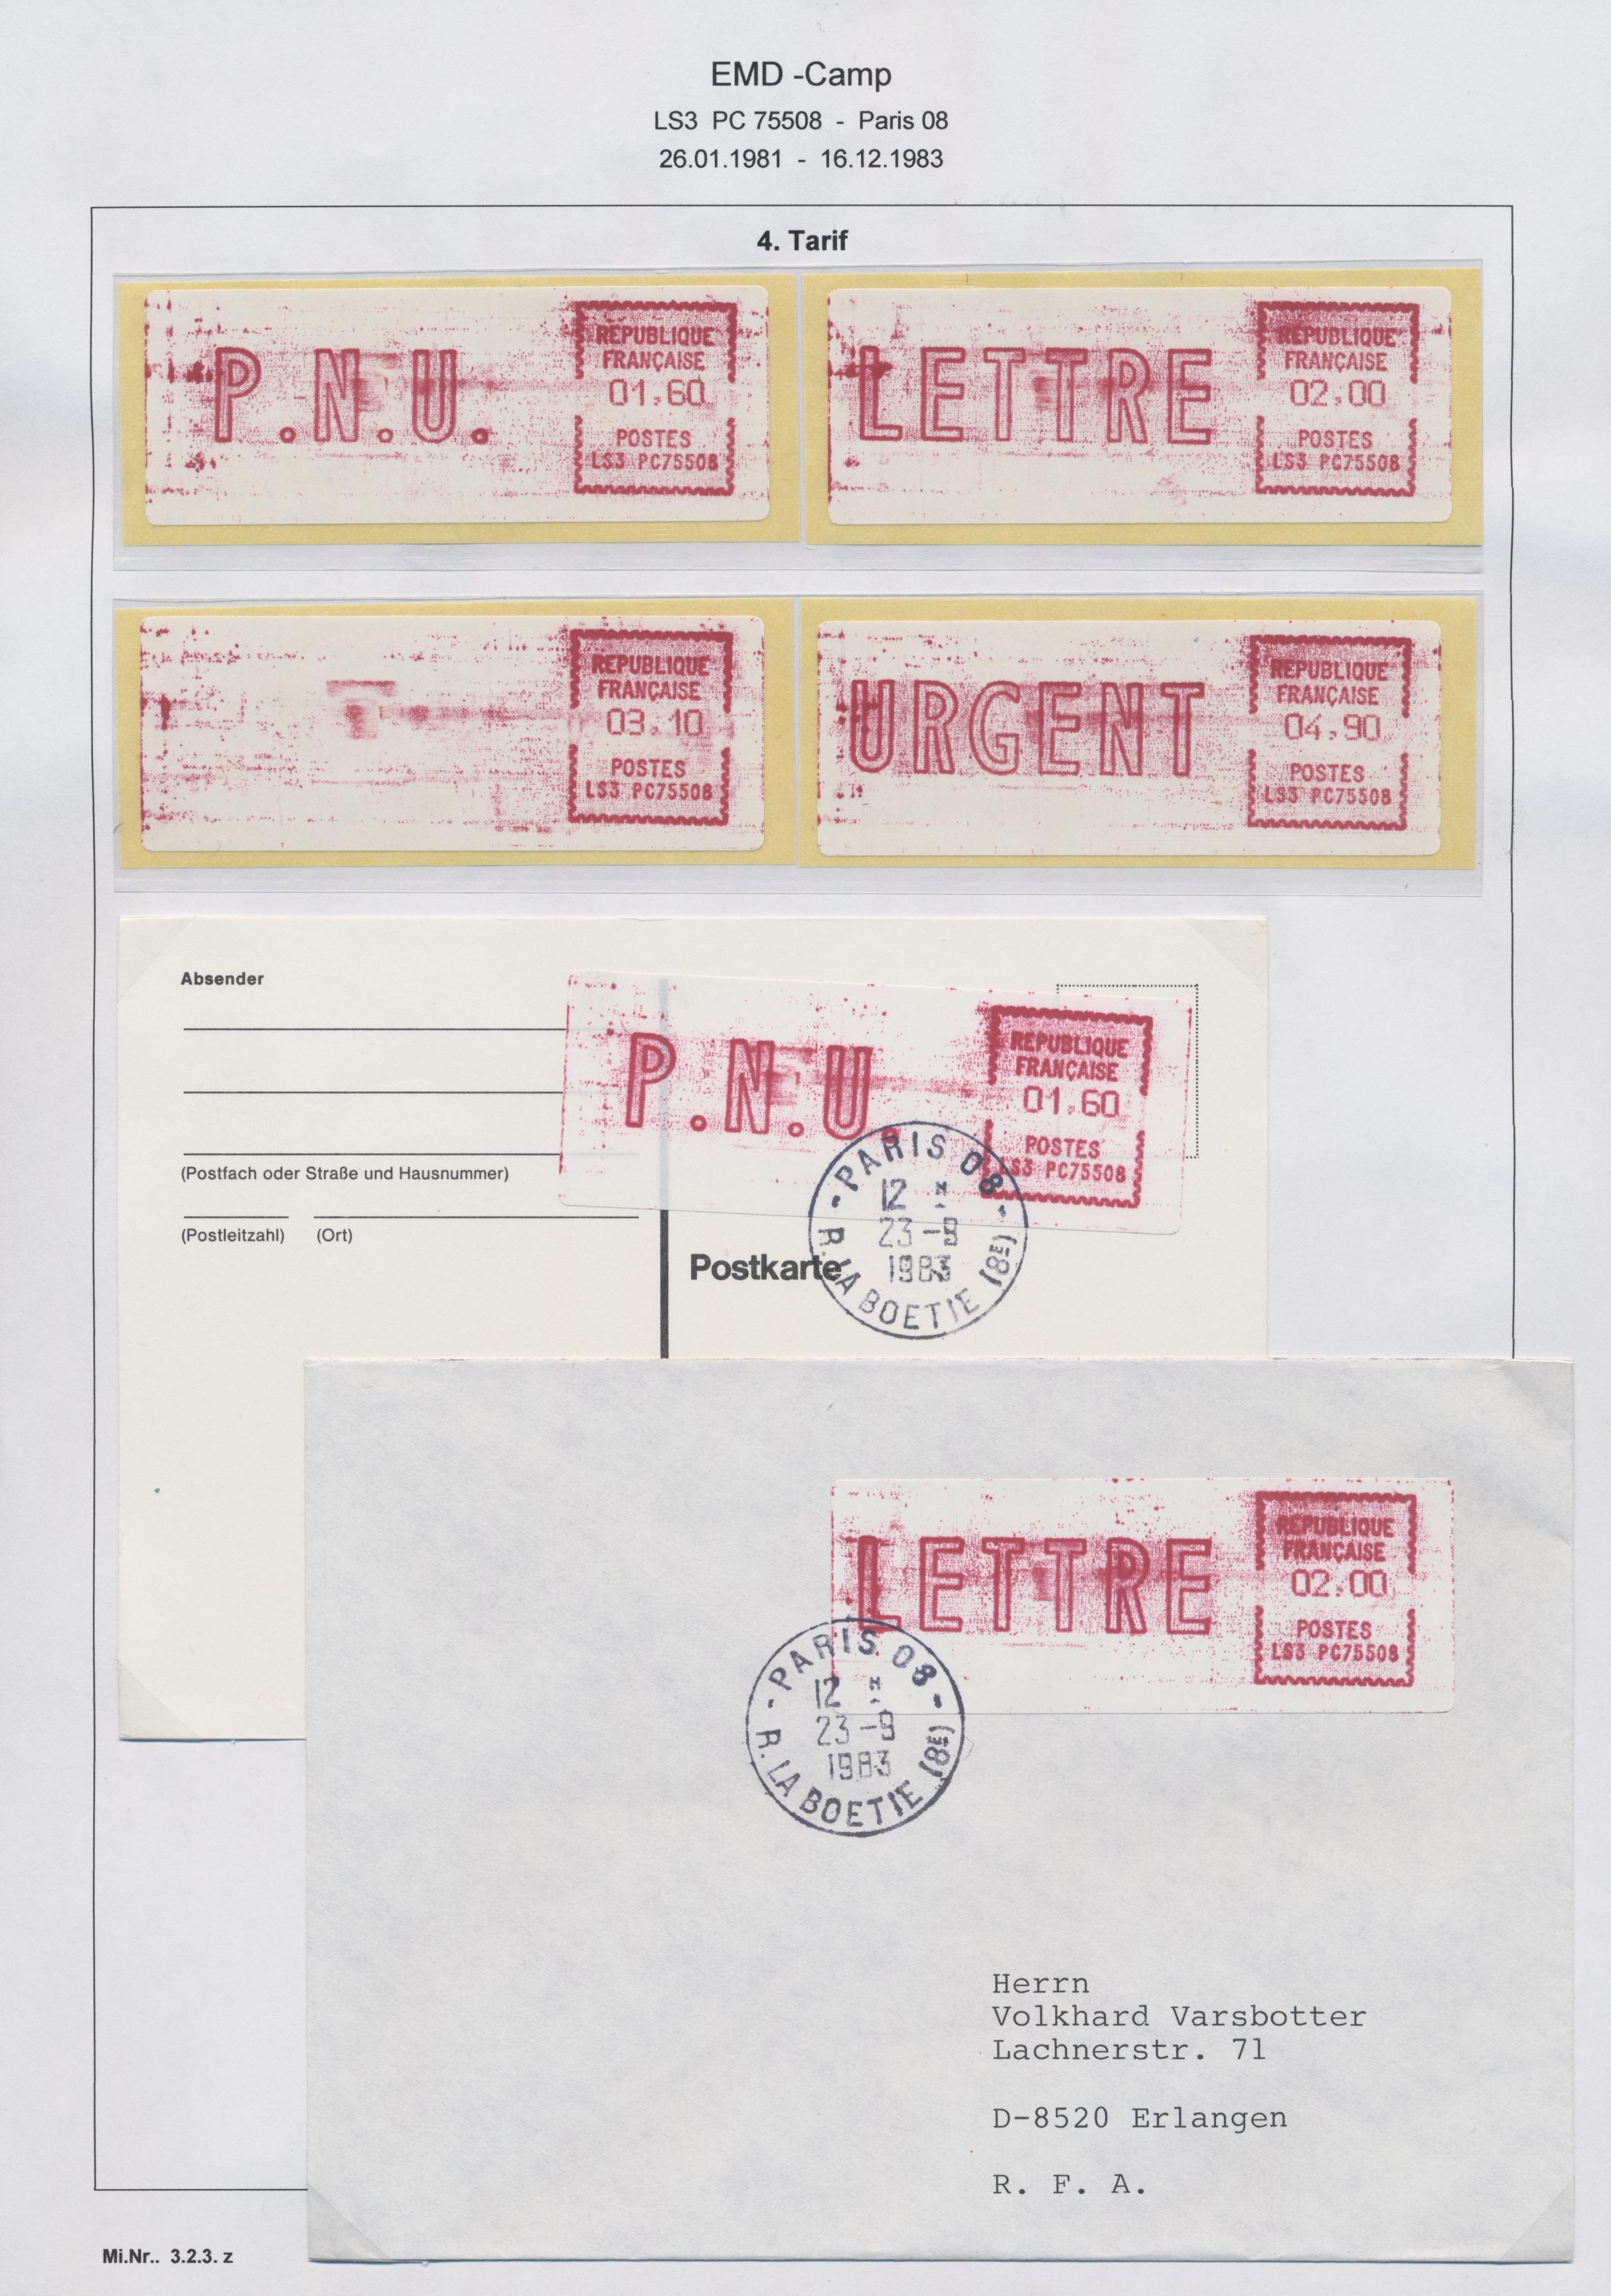 Postleitzahlen frankreich